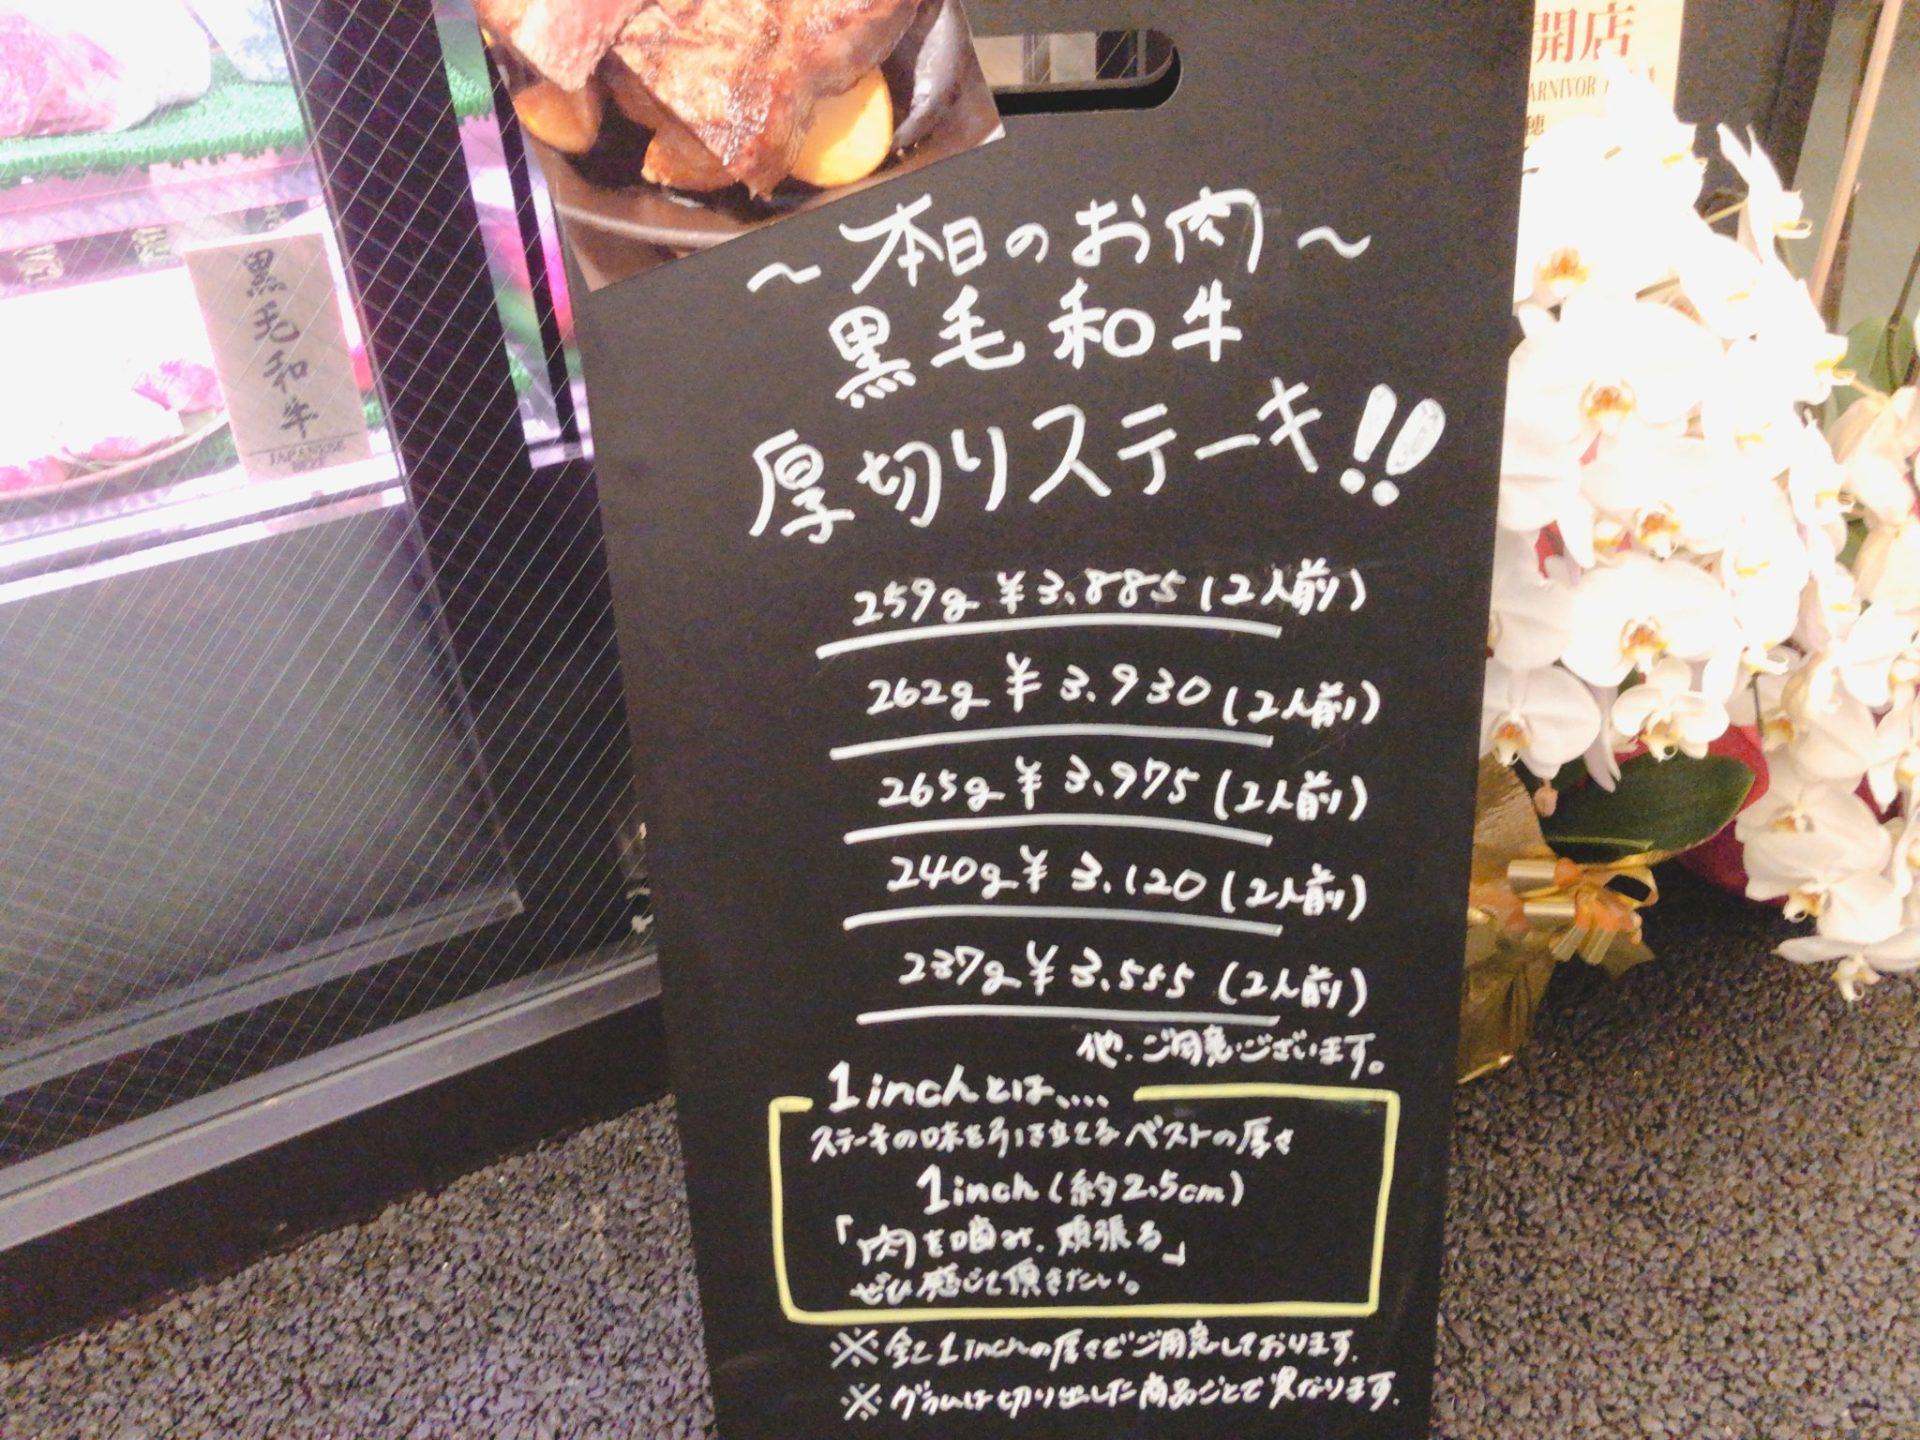 日比谷OKUROJI(ヒビヤオクロジ)のニクバルCARNIVORのステーキメニュー